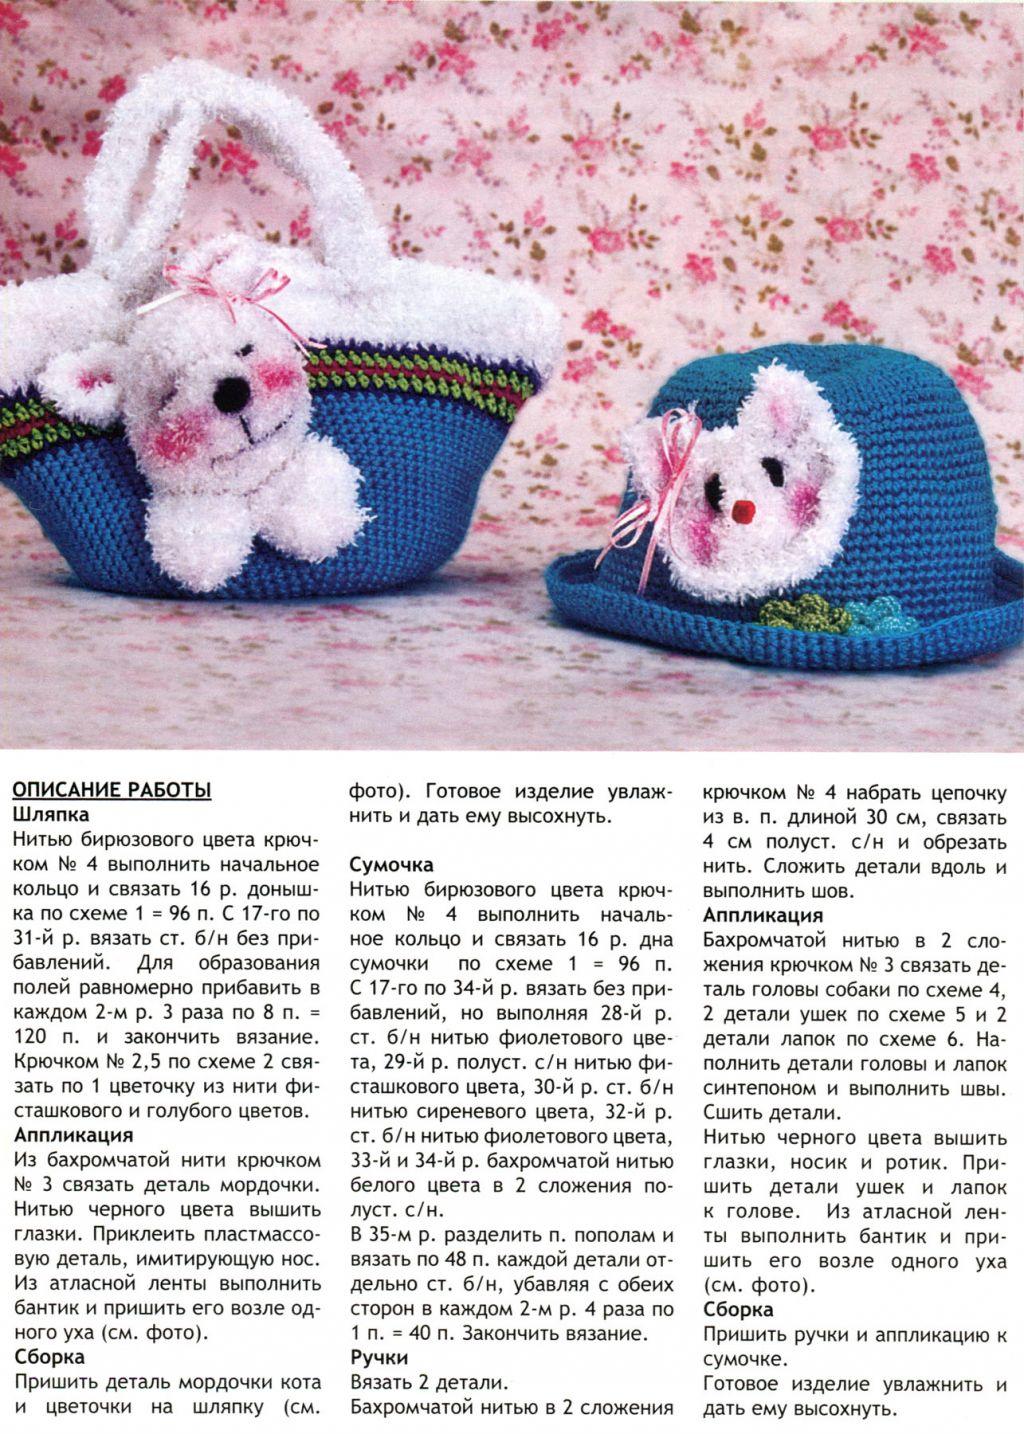 вязание крючком шляпы схемы Вязание.  Автор:Admin.